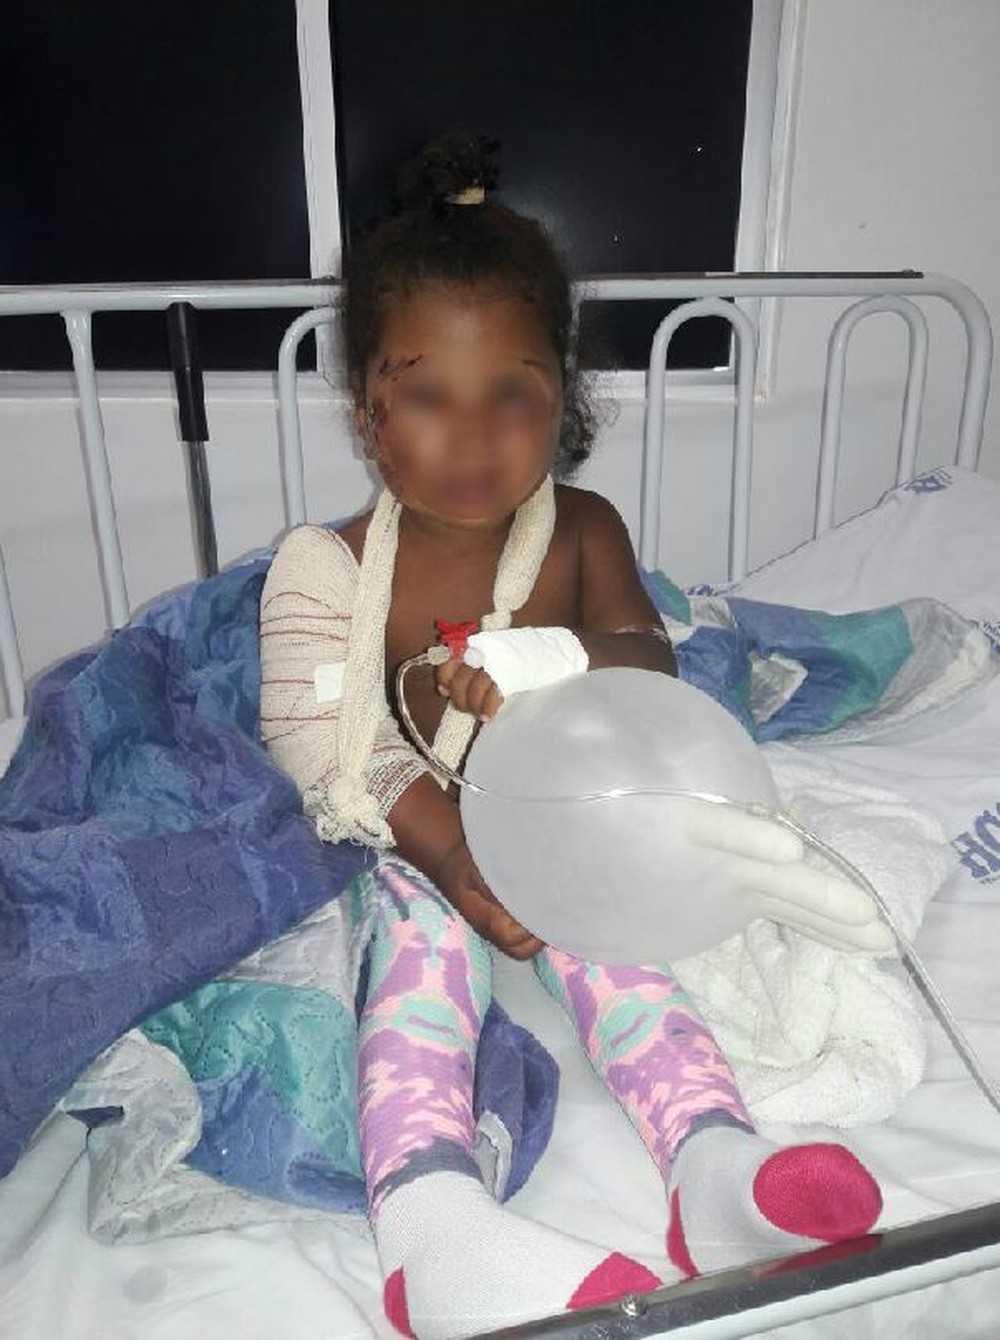 Criança de 2 anos fica com rosto desfigurado e braço quebrado após ser atacada por cachorros - Imagem: Tatiane Valadares/Arquivo pessoal